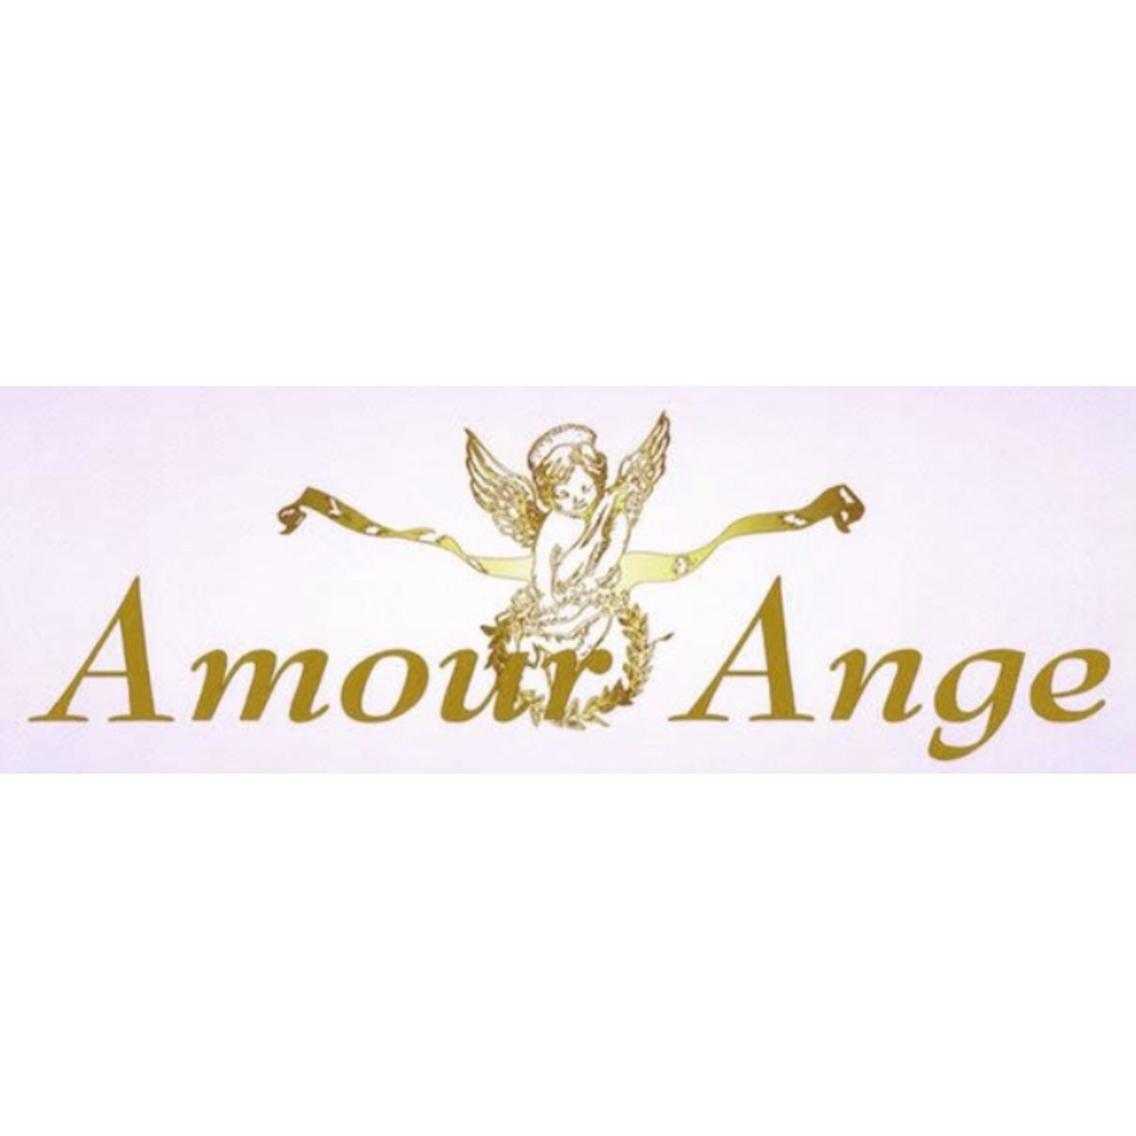 AmourAnge所属・AmourAngeの掲載